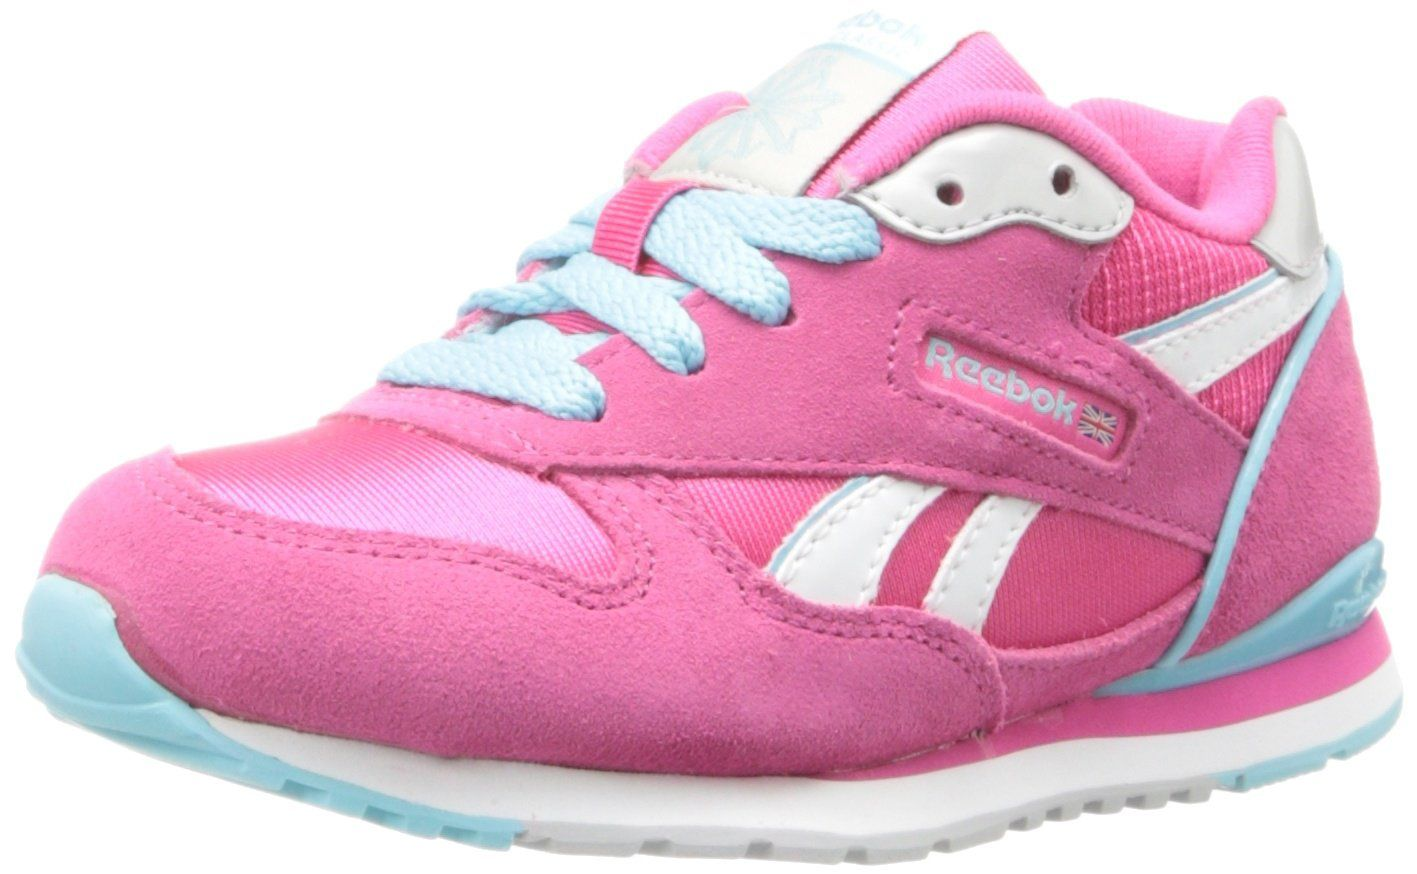 Zapato Spike Vendetta para mujer, Citron / Blue / Coral, 6 M US